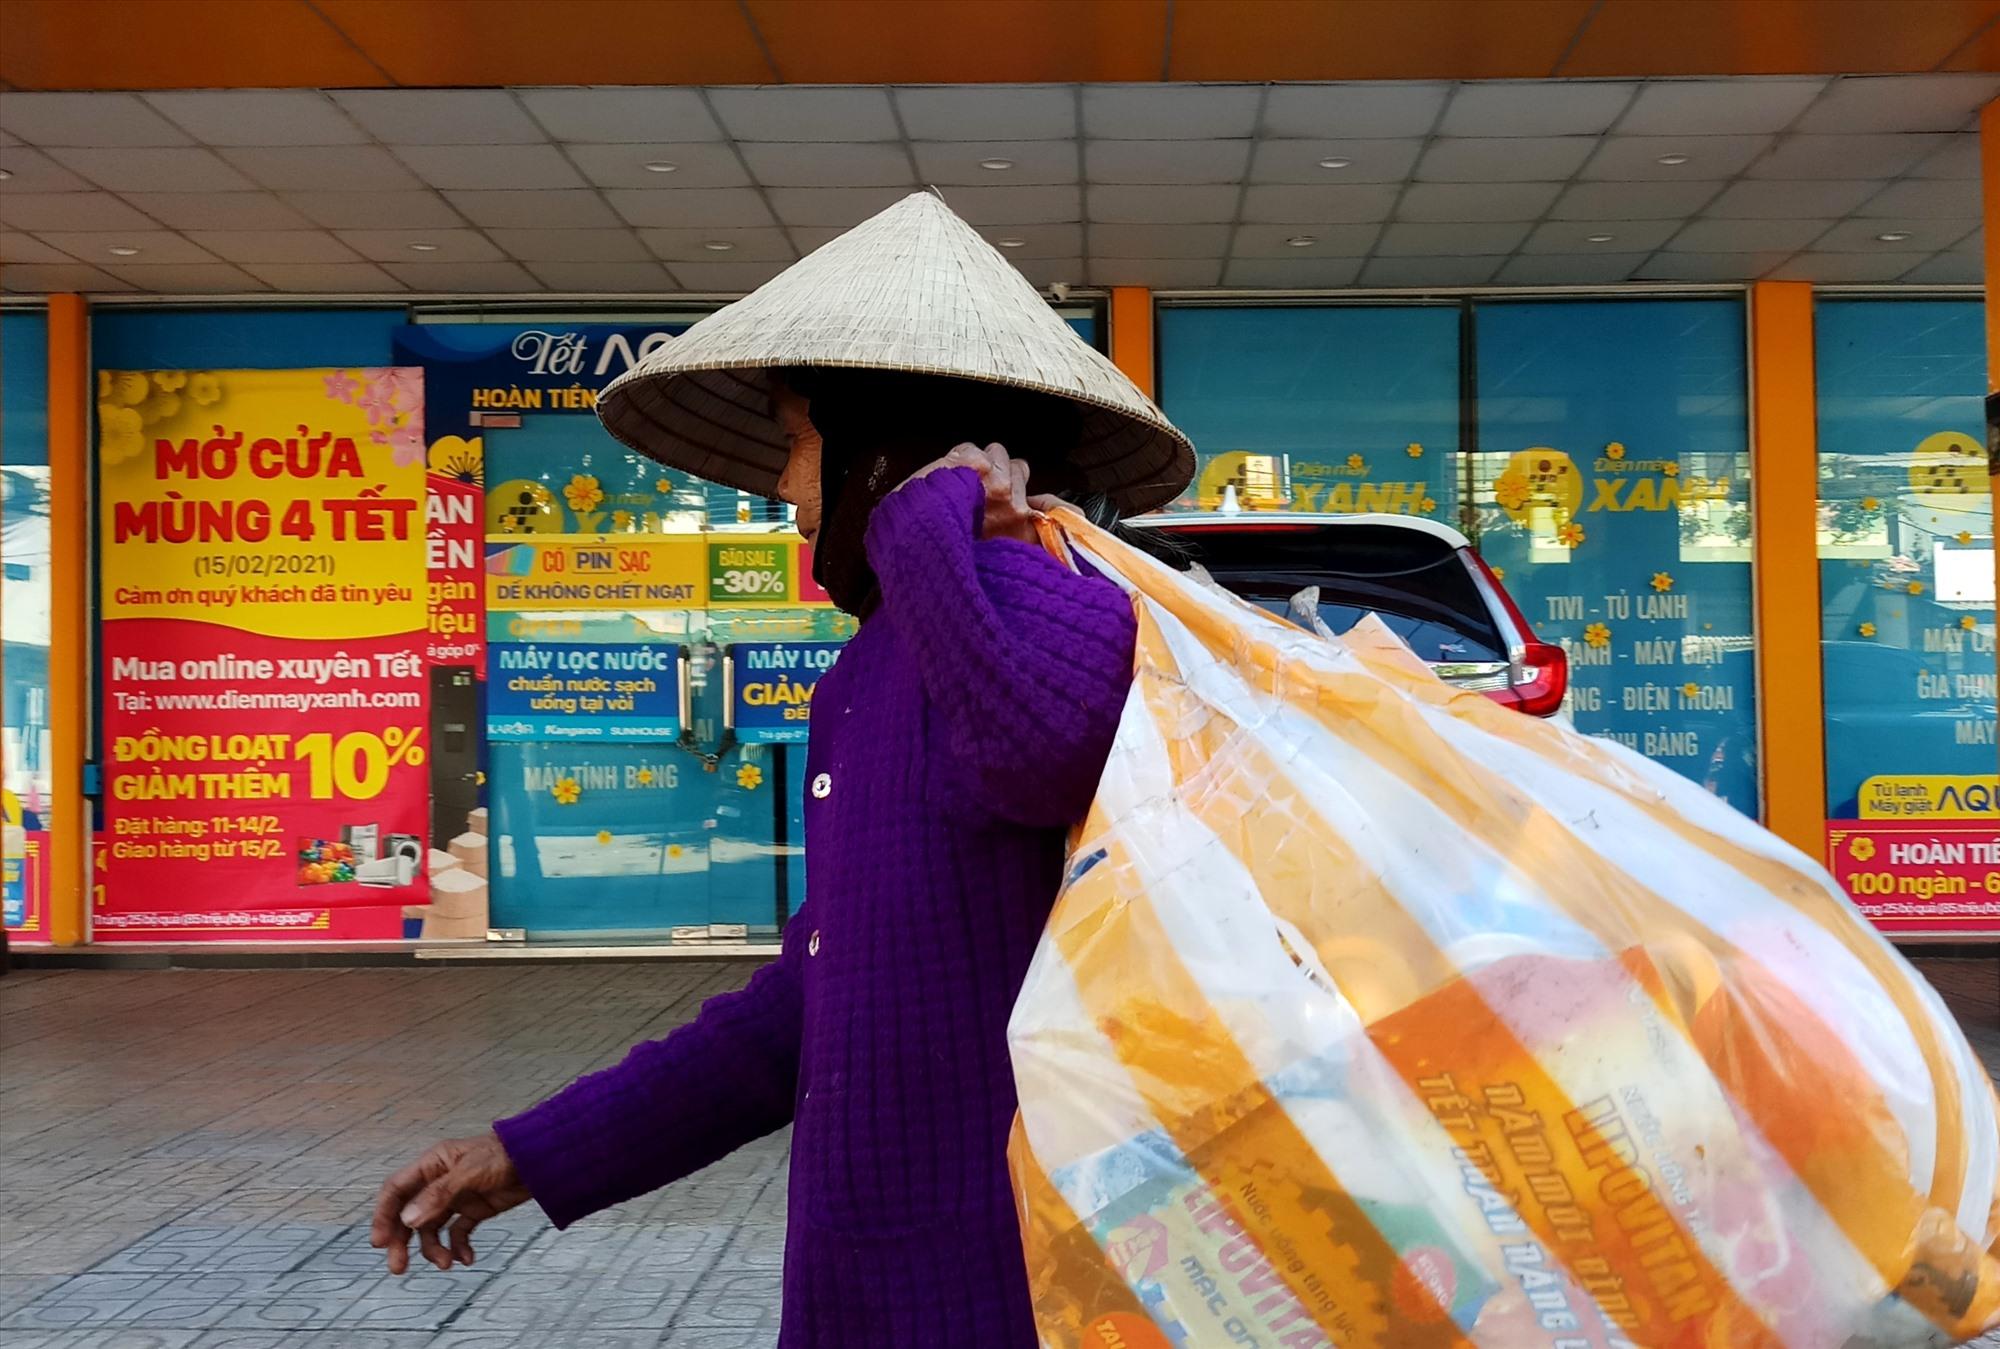 """Đi dọc khắp con phố Phan Châu Trinh (TP.Tam Kỳ), cụ bà gom được """"chiến lợi phẩm"""" vào mùng 1 Tết, chờ bán. Ảnh: Đ.N"""